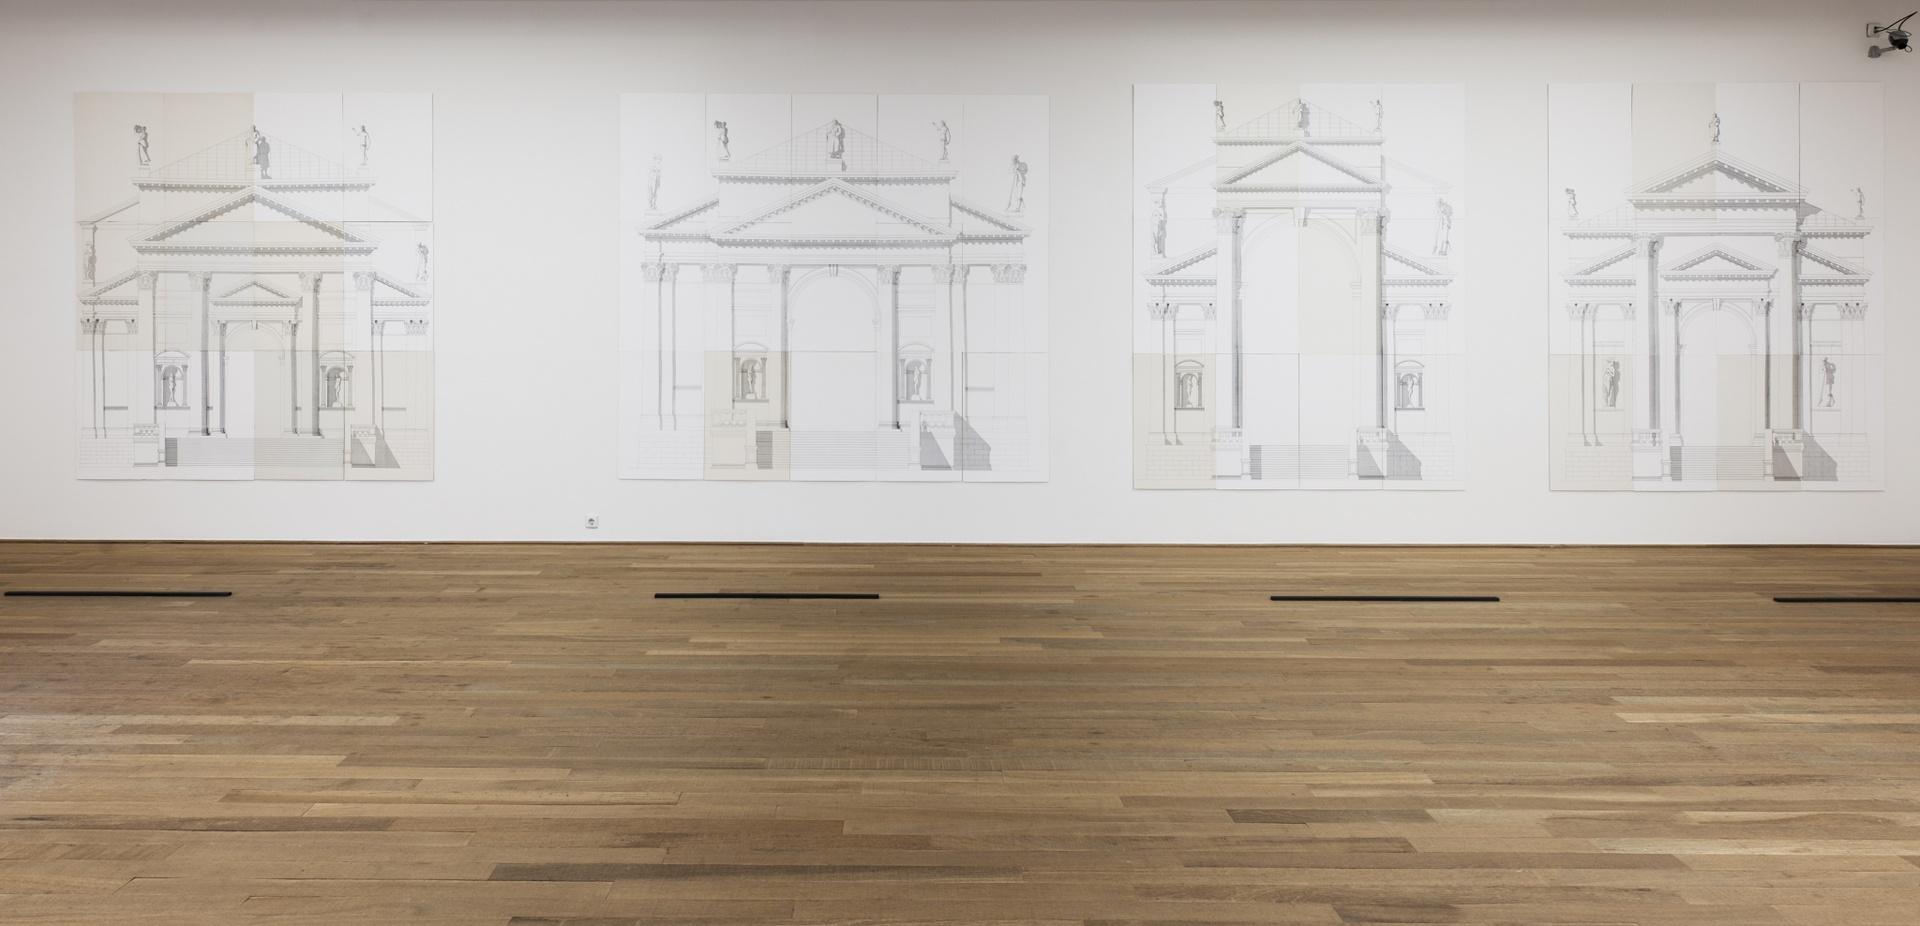 Ogni ordine e contemporaneo d'ogni altro ordini: Quattro modi d'esaminare la facciata dell ss. Redentore A Venezia